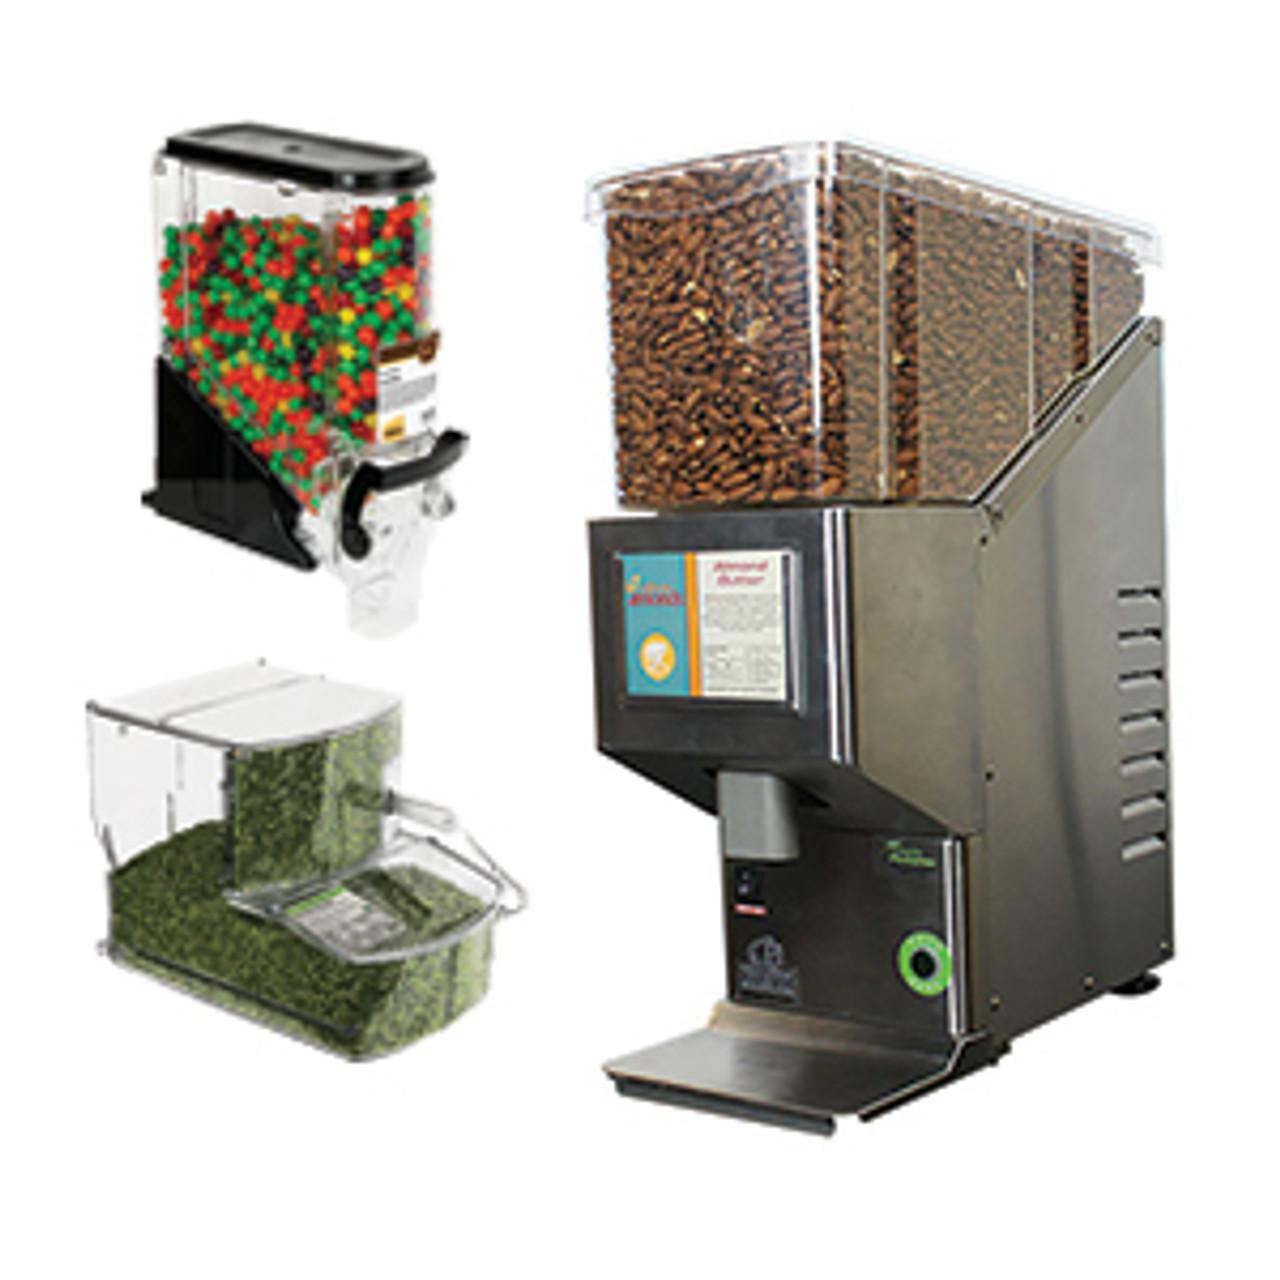 bulk-food-bins-&-accessories